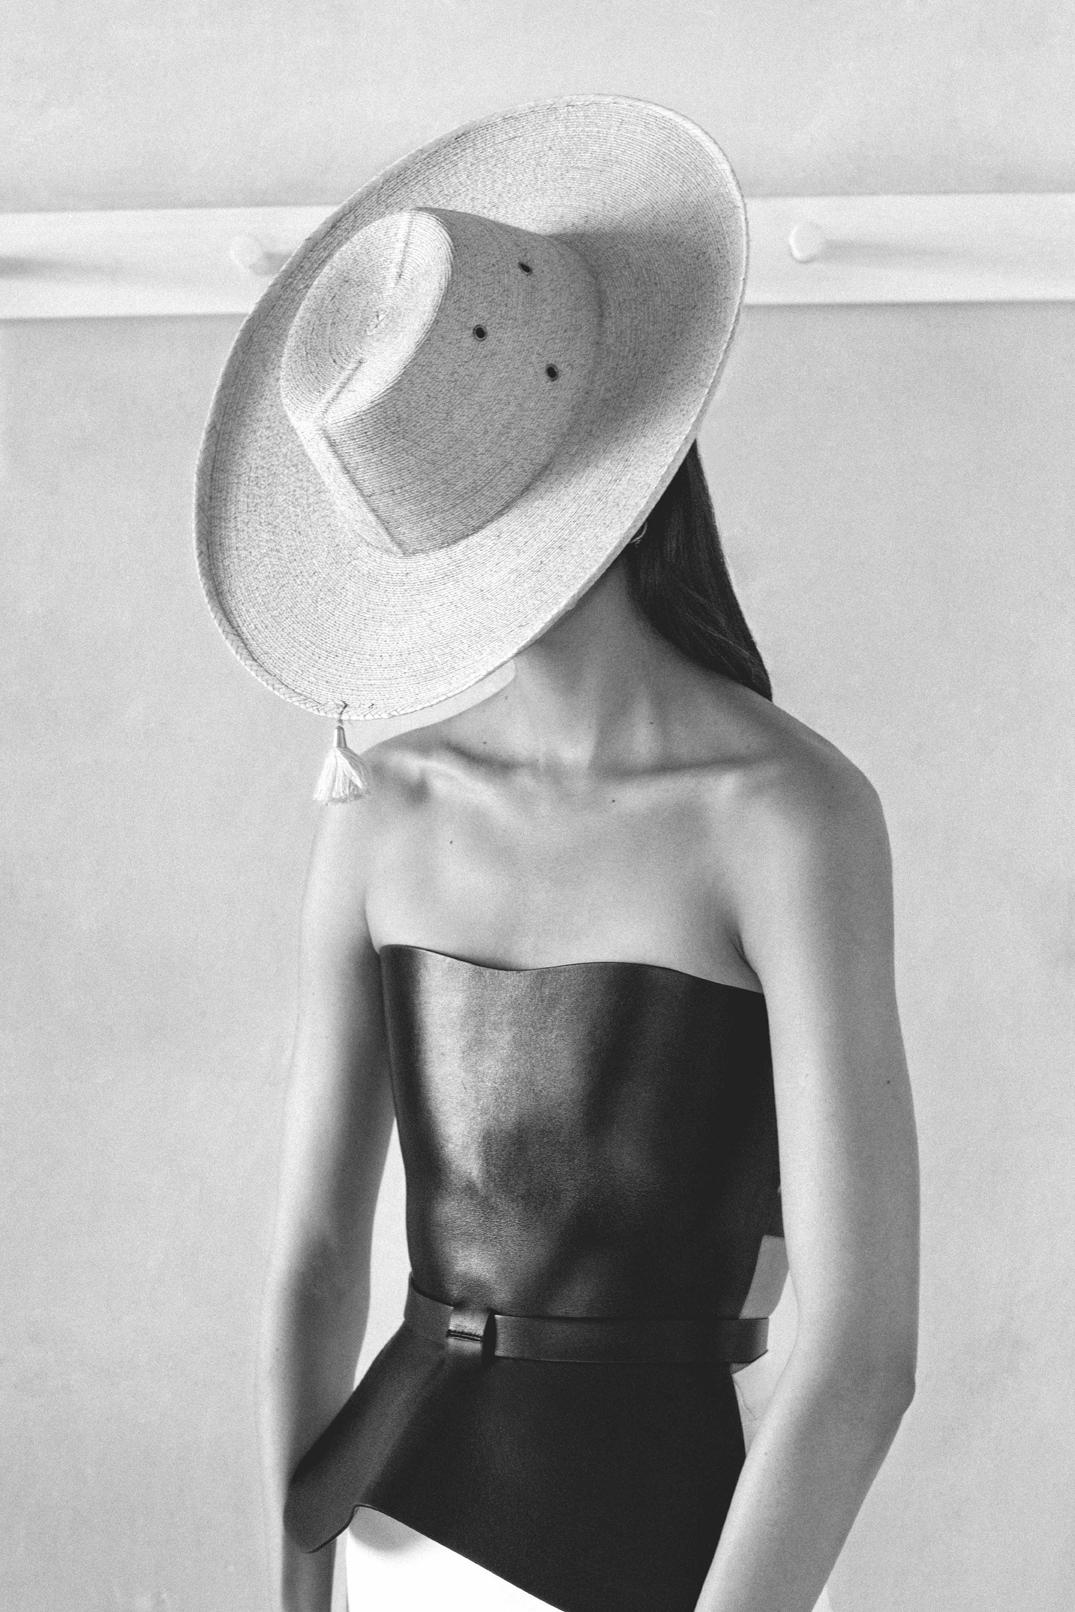 Η Σάρα Εσπάρτζα με Dior cruise 2019, φωτογραφημένη από το Φαμπιόλα Ζαμόρα